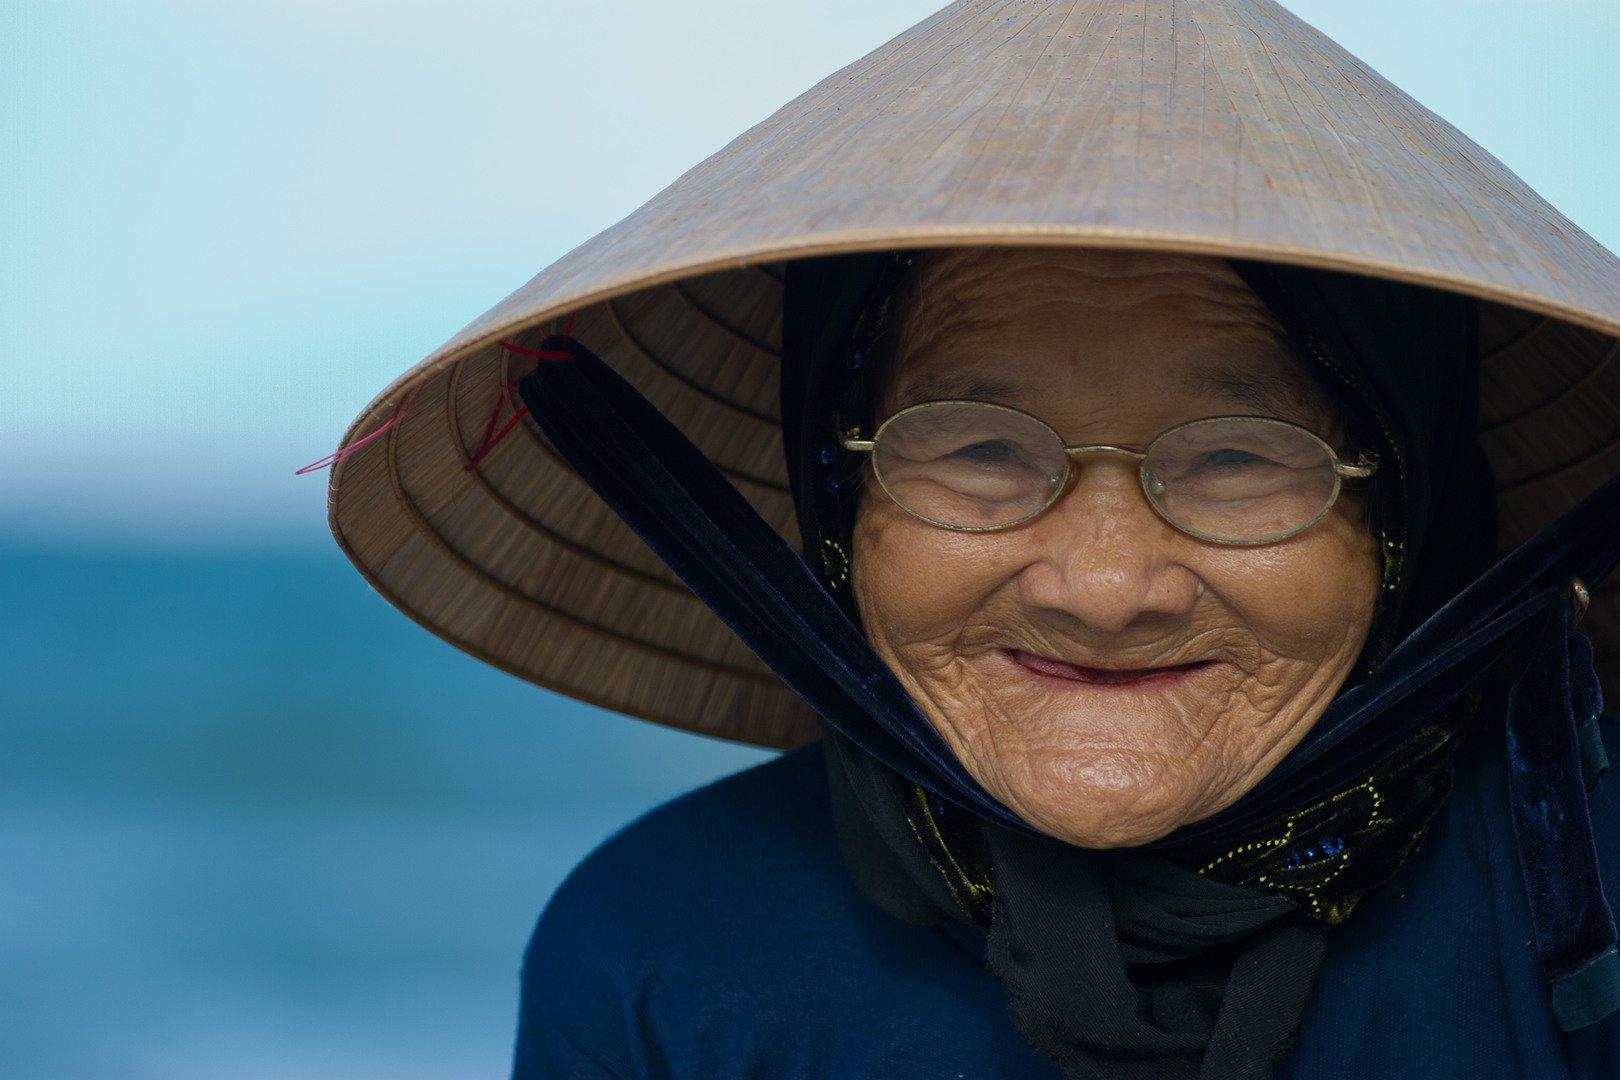 بالصور اجمل عجوز في العالم , عجوز جميلة رائعة 15017 6